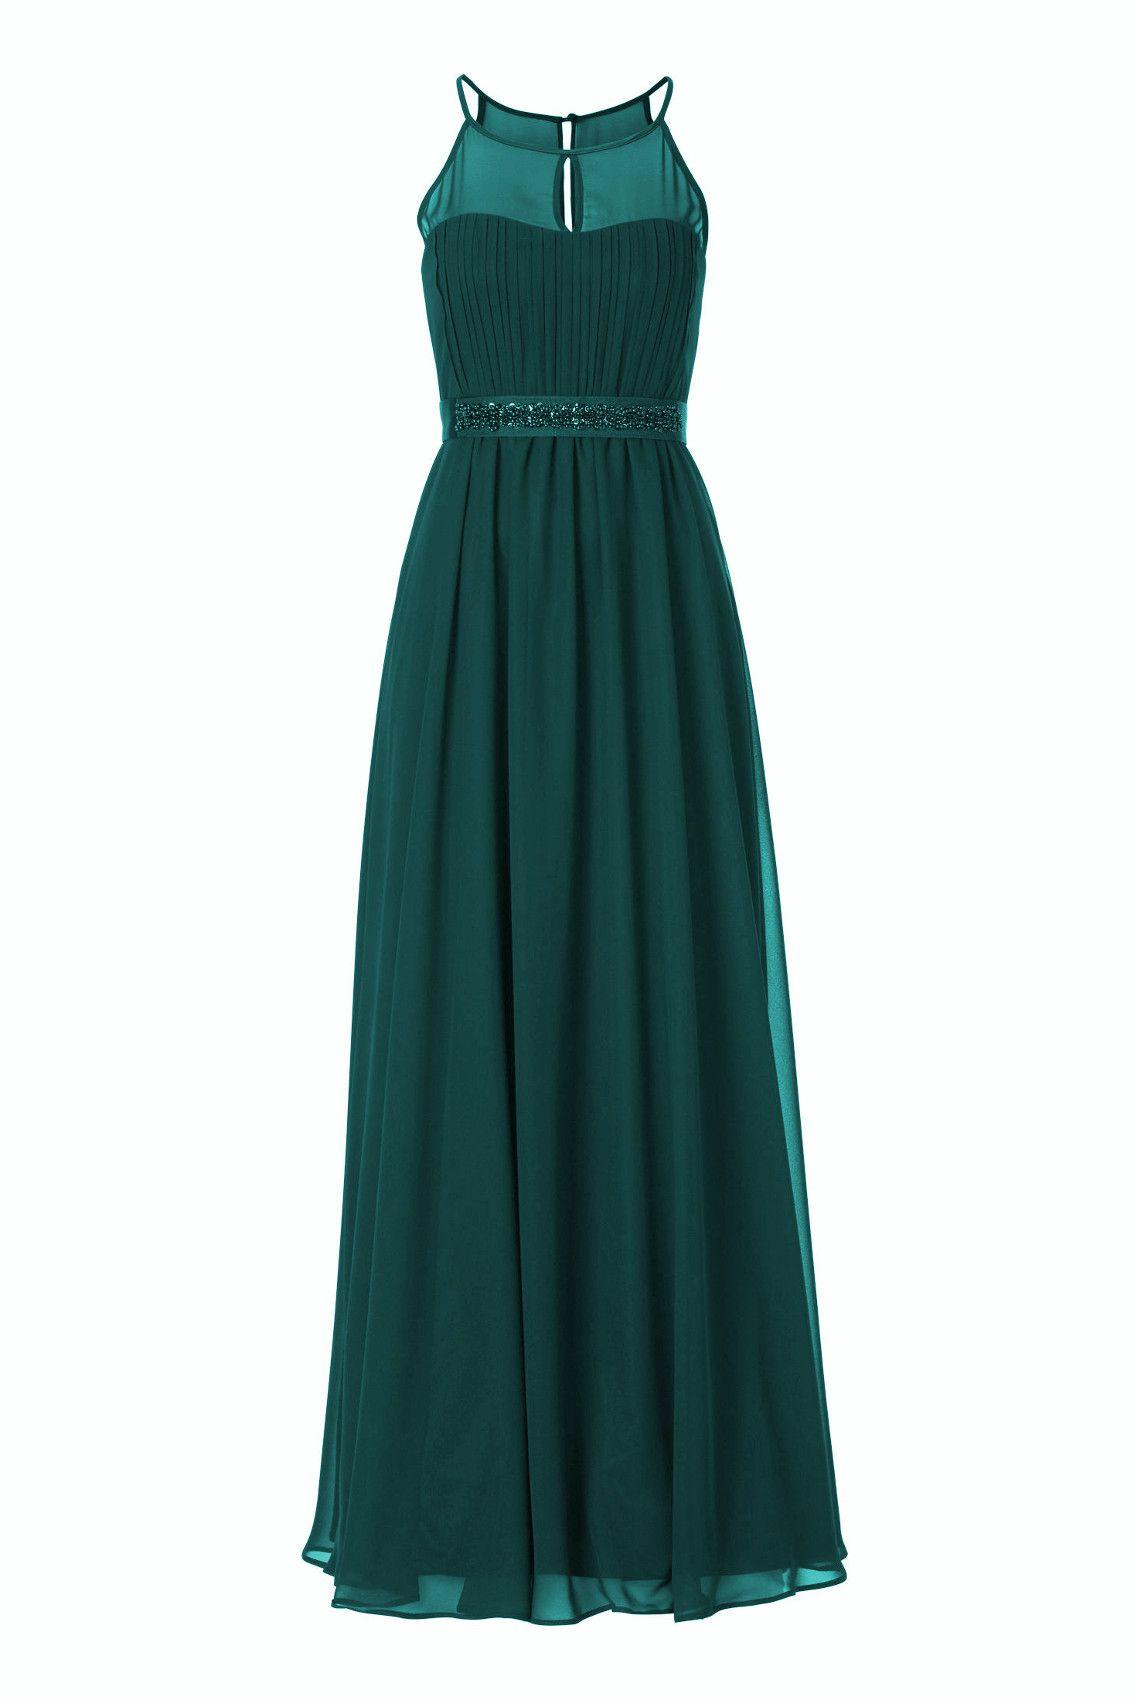 Traumhaftes Kleid aus Chiffon Fließend fallendes Kleid von Vera